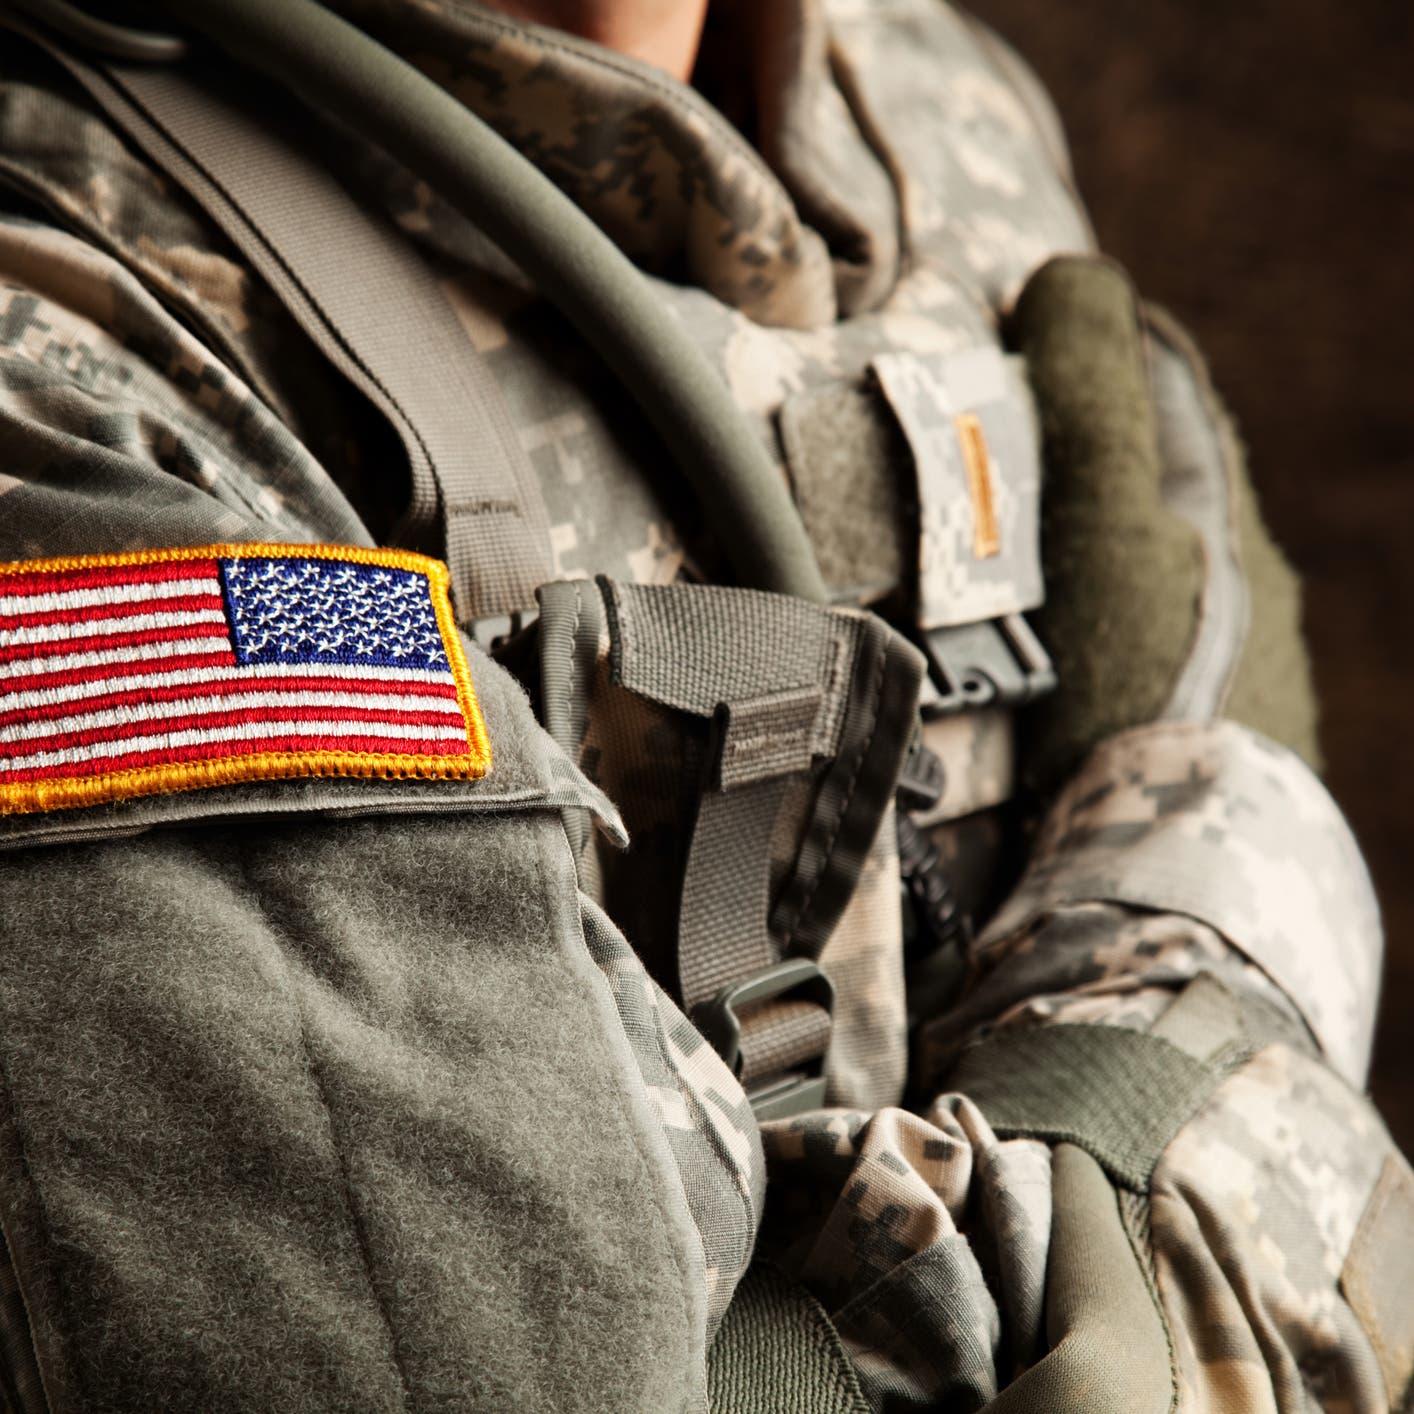 إغلاق قاعدة عسكرية أميركية في واشنطن بعد حديث عن وجود مسلح بداخلها